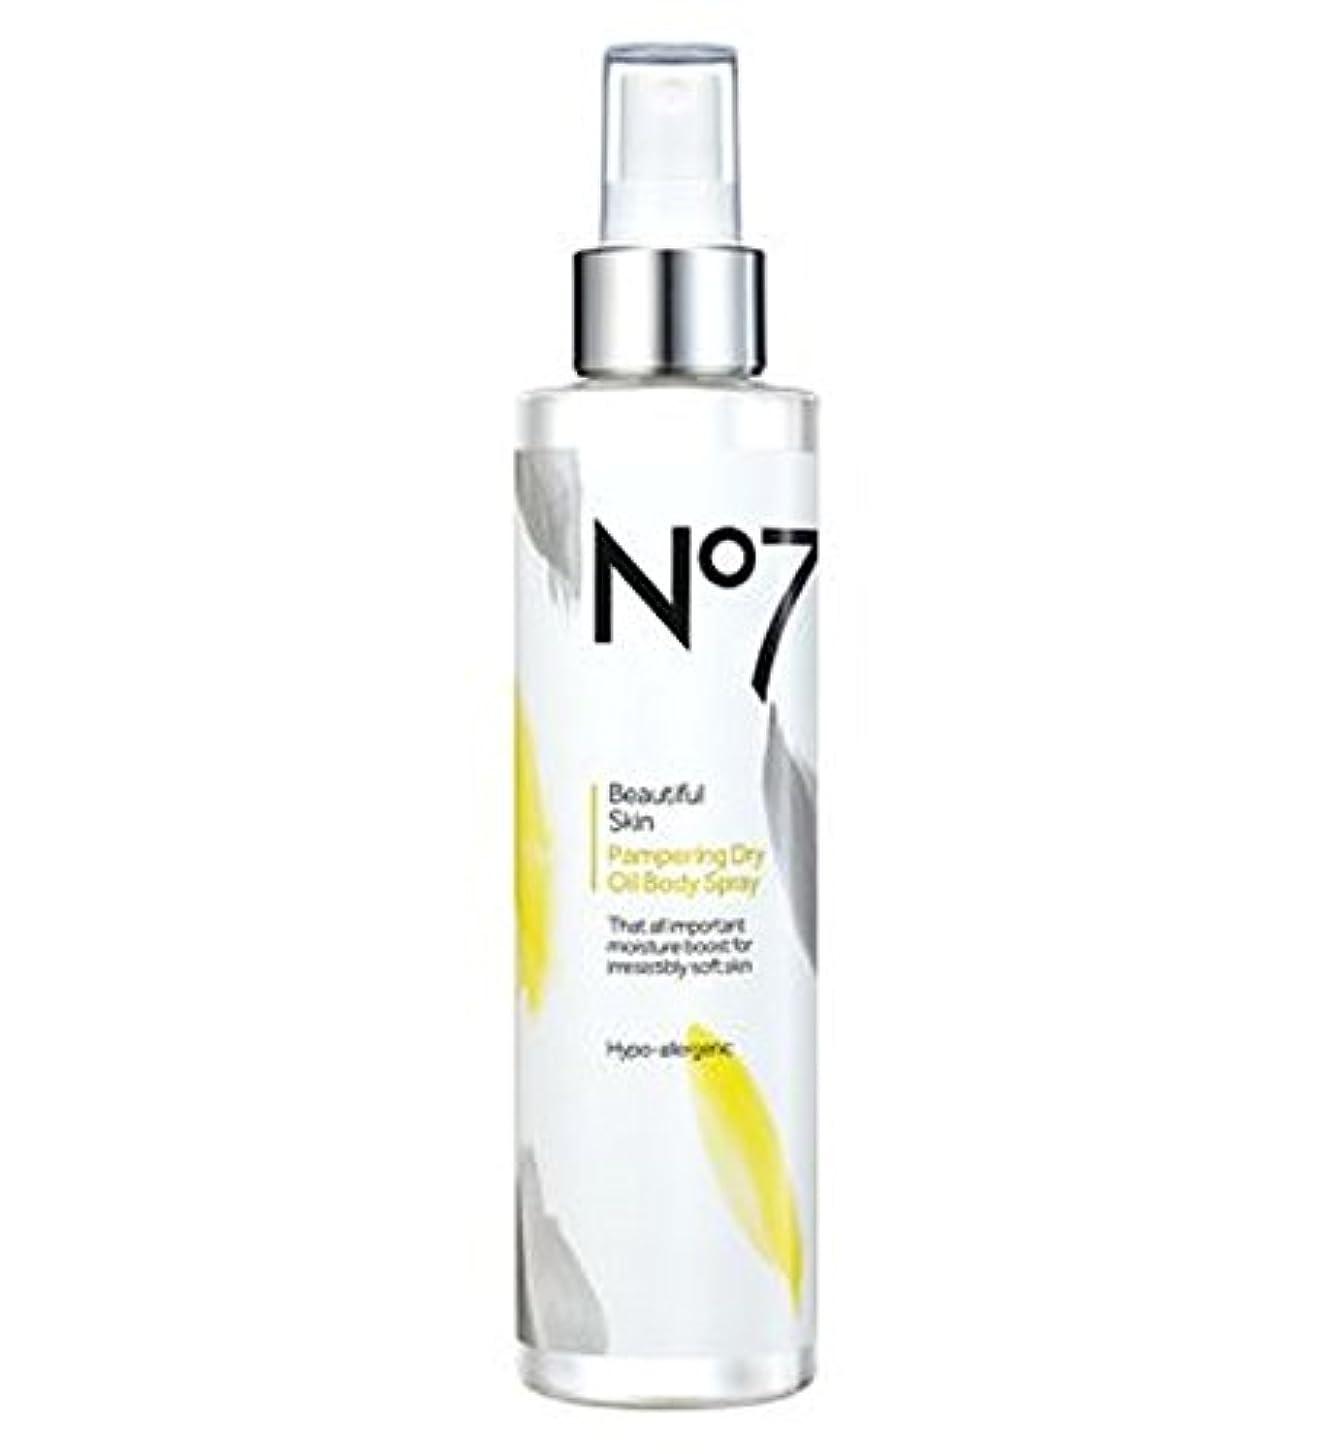 歪める従順な視聴者No7美肌贅沢ドライボディオイル (No7) (x2) - No7 Beautiful Skin Pampering Dry Body Oil (Pack of 2) [並行輸入品]